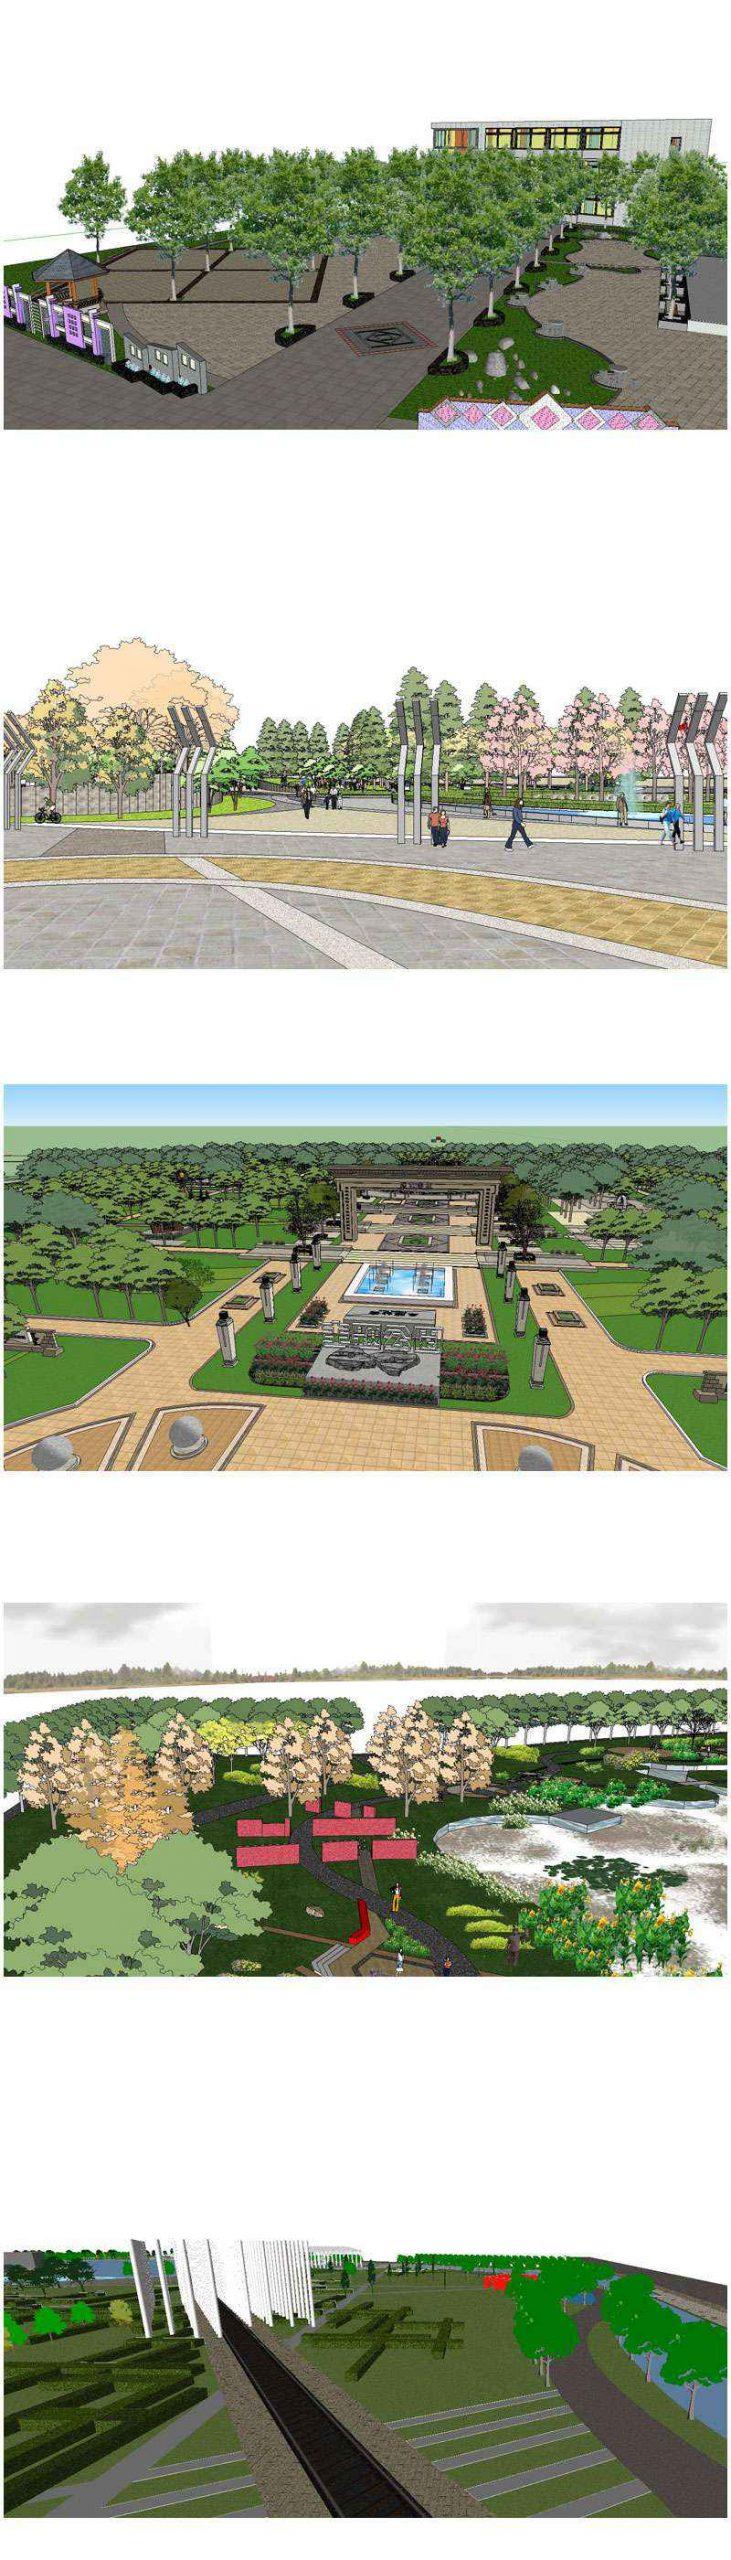 Sketchup 3D Models】20 Types of Park Landscape Sketchup 3D ...